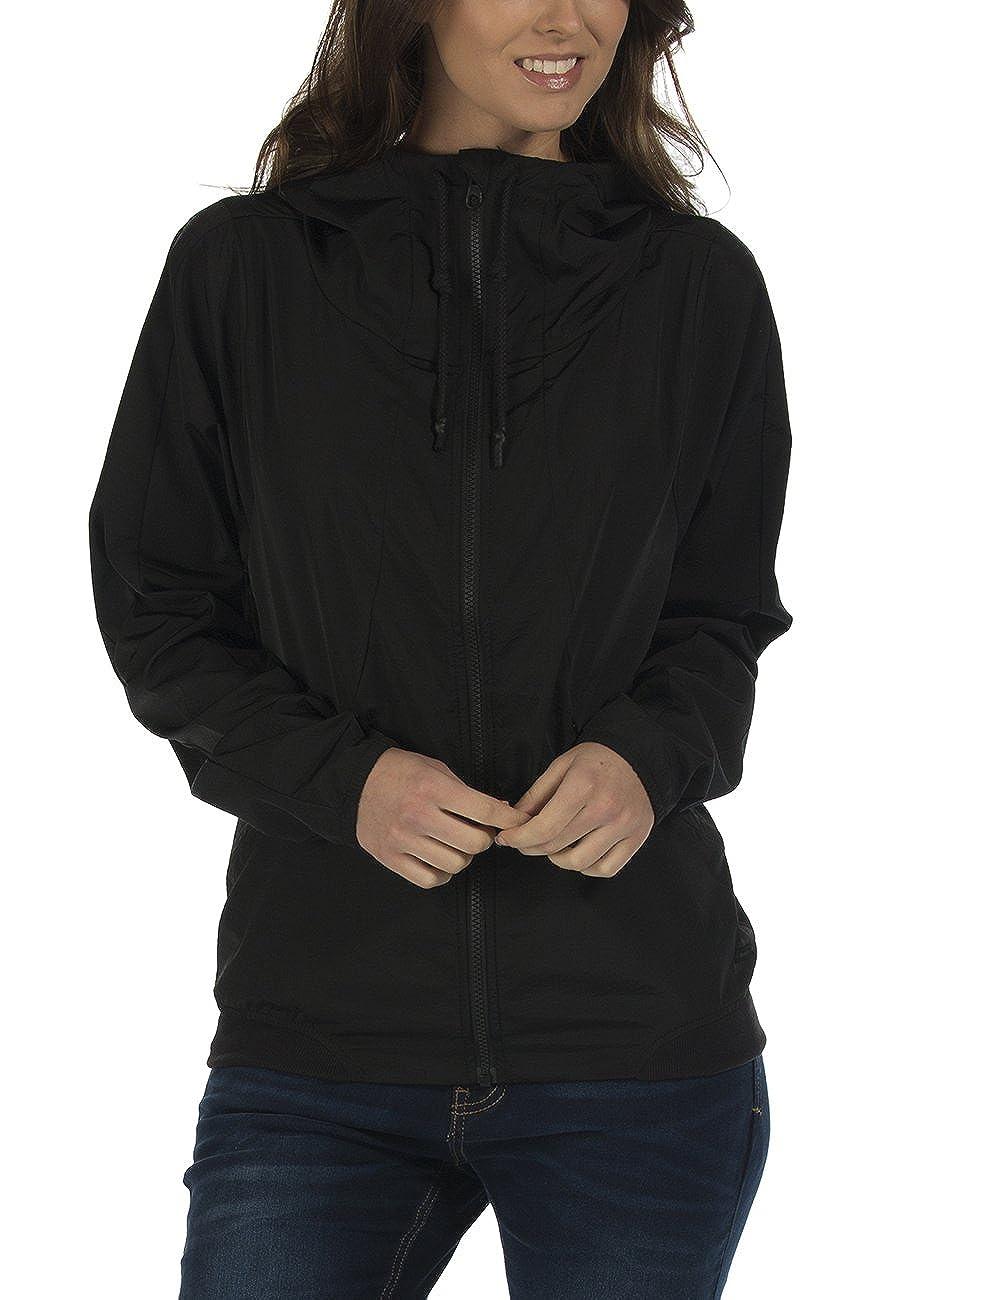 Bench Femme Et Noir Blouson 40 Dsq48d Vêtements Effervescent aOqwSA1xgW